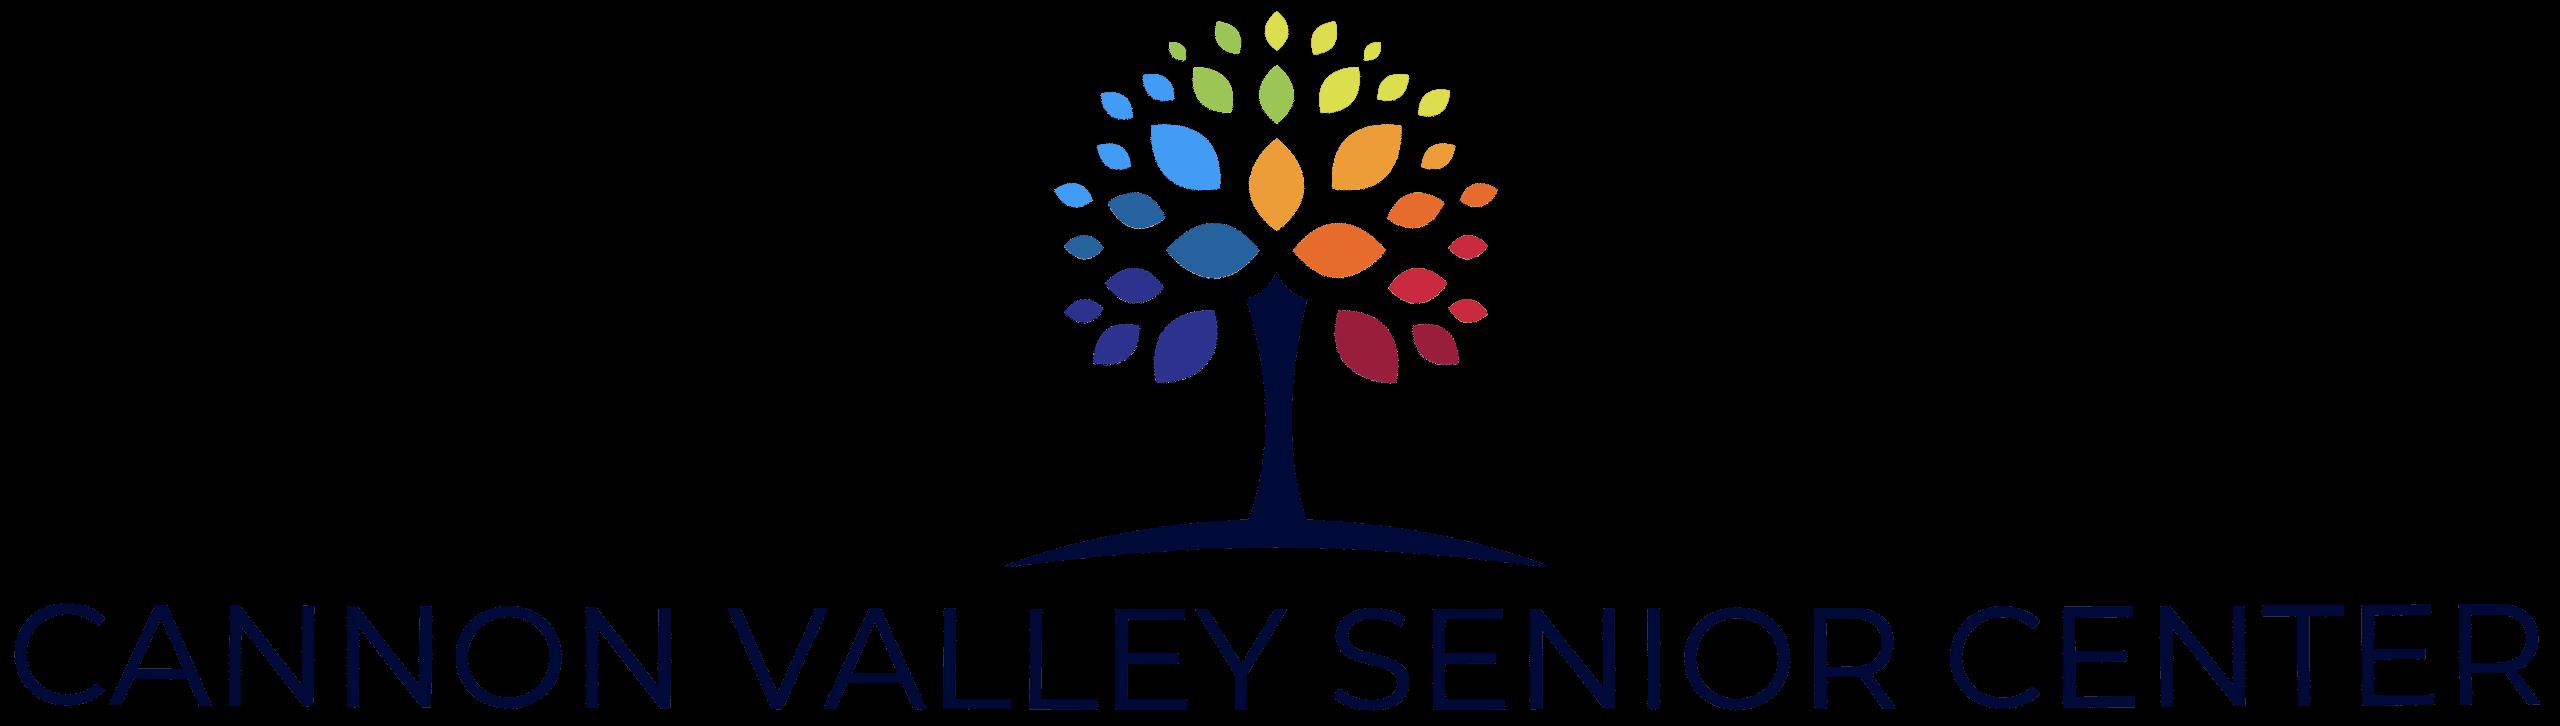 Cannon Valley Senior Center